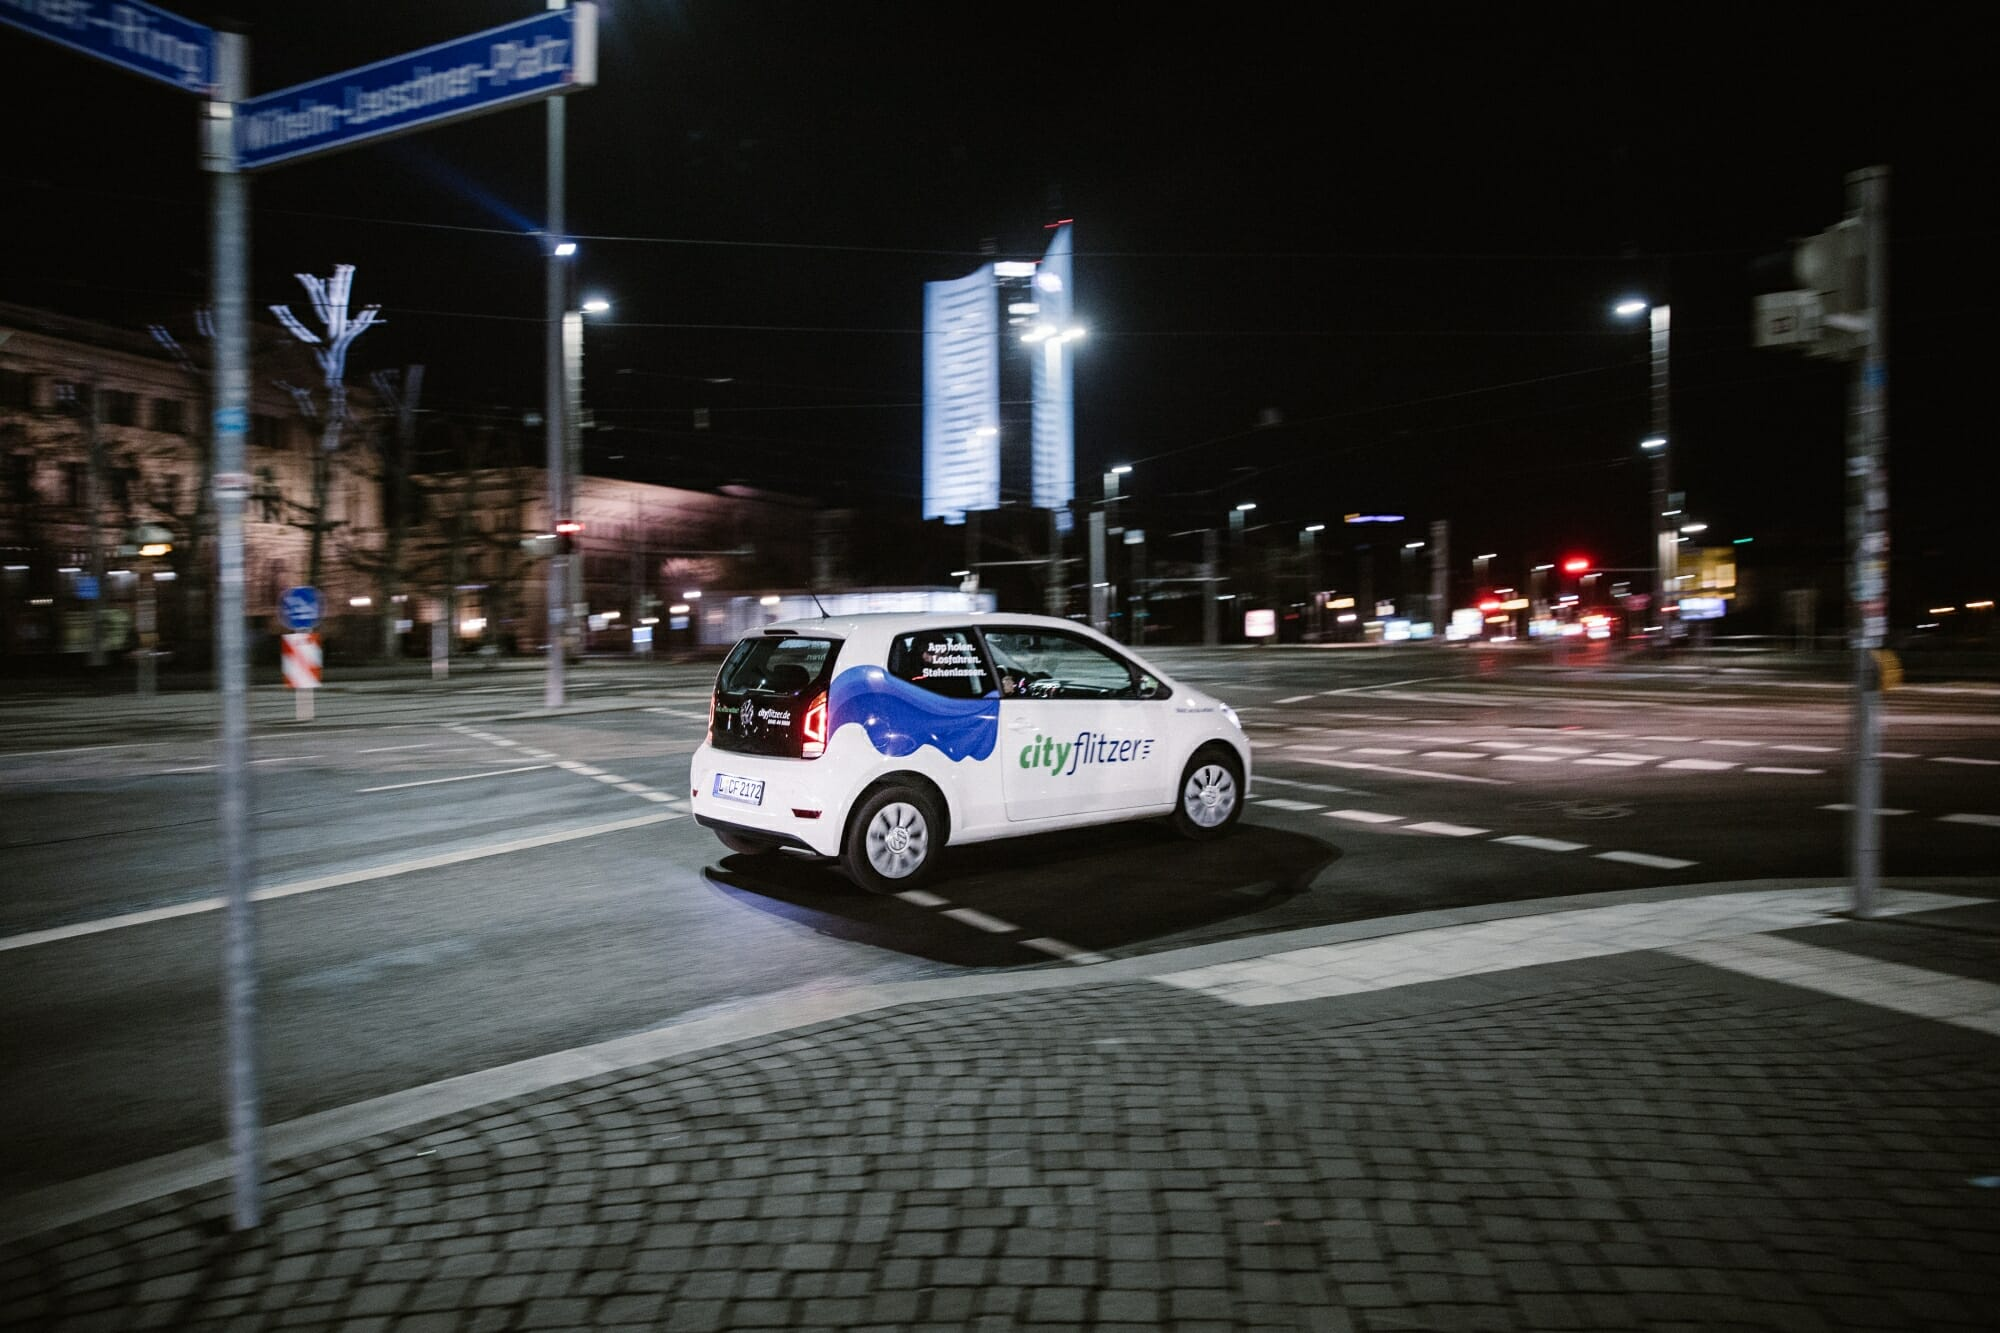 Cityflitzer Leipzig bei Nacht